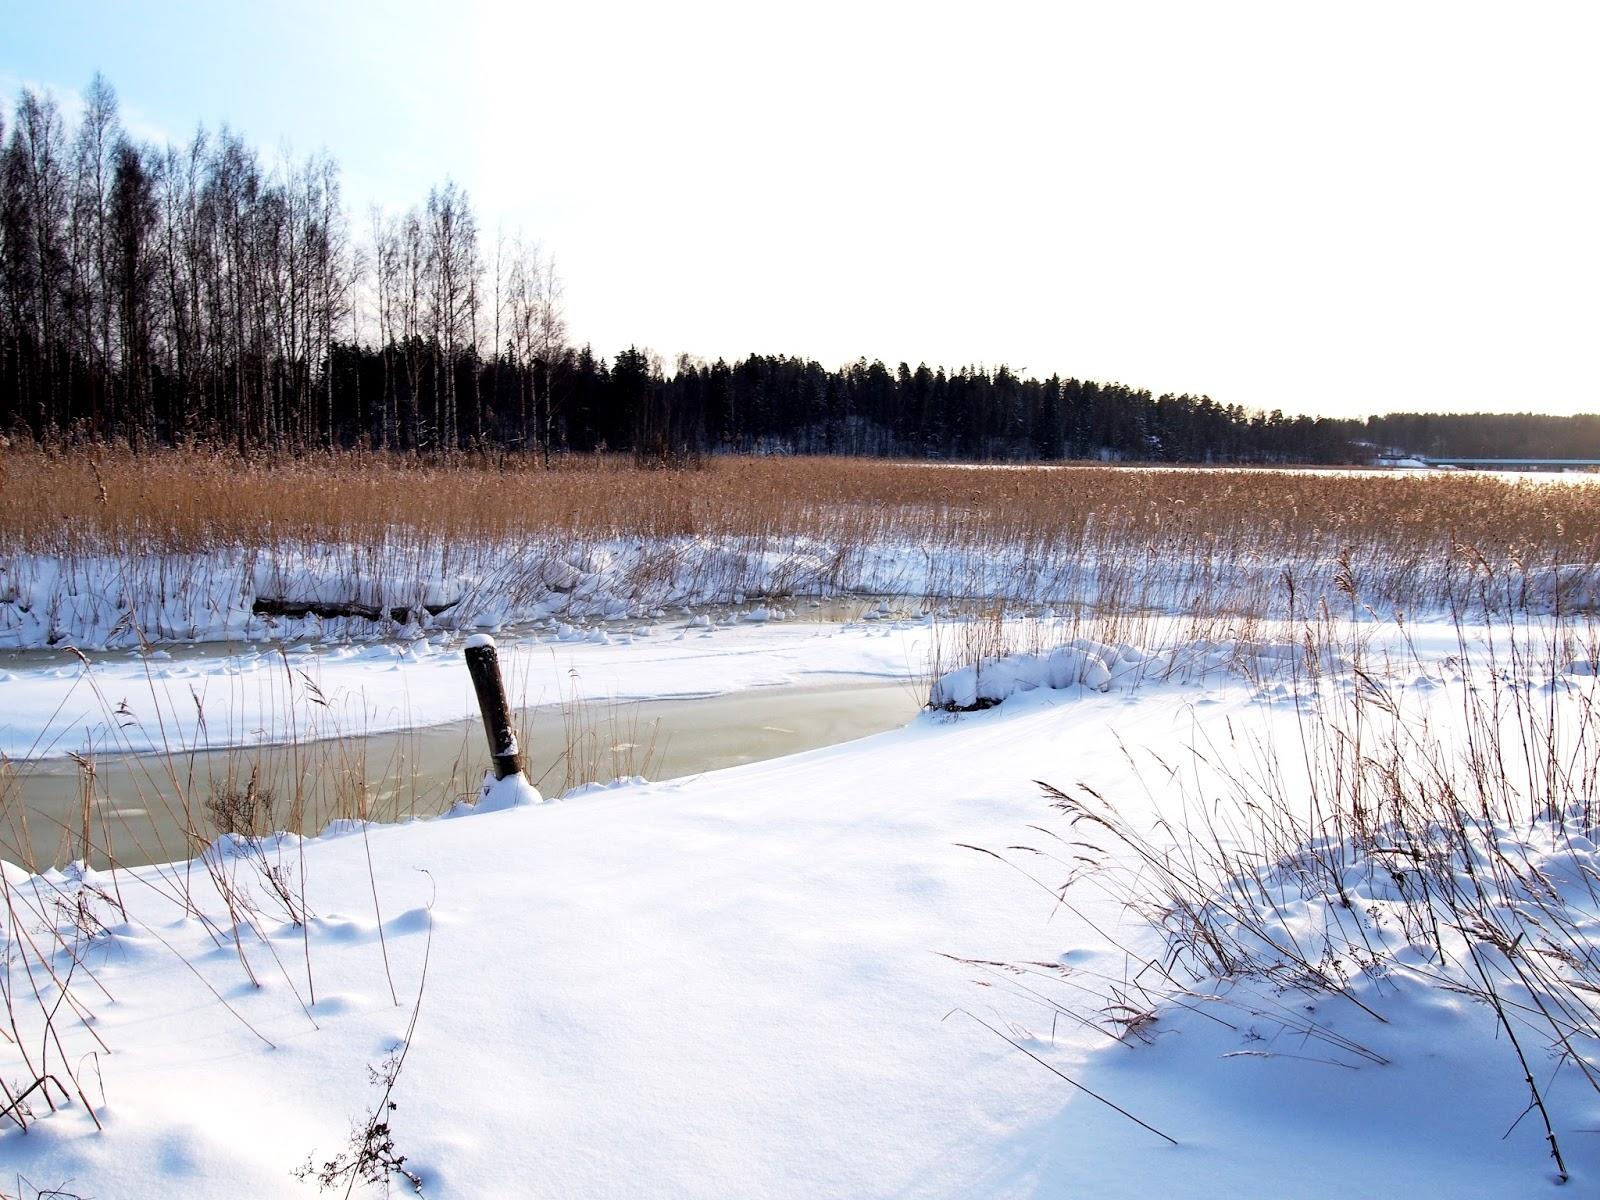 Luulisi, että olen maalla kun maisemat on niin upean talviset lumikinoksineen ja jäisine lahtineen, mutta Helsingissä ollaan.